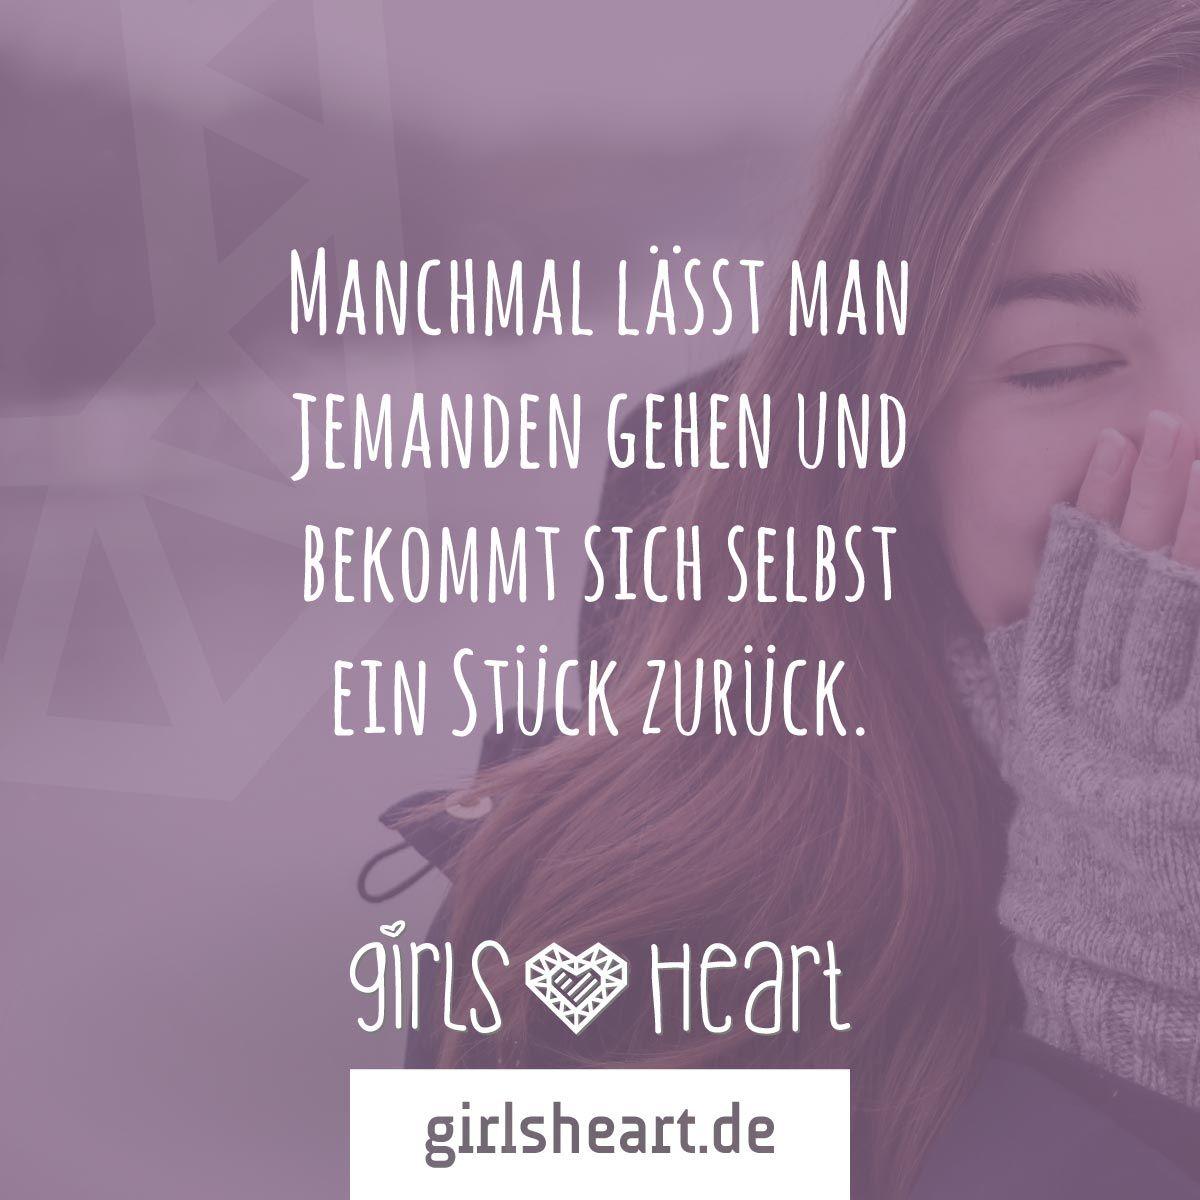 sprüche beziehungsende Mehr Sprüche auf: .girlsheart.de #abschied #beziehungsende  sprüche beziehungsende